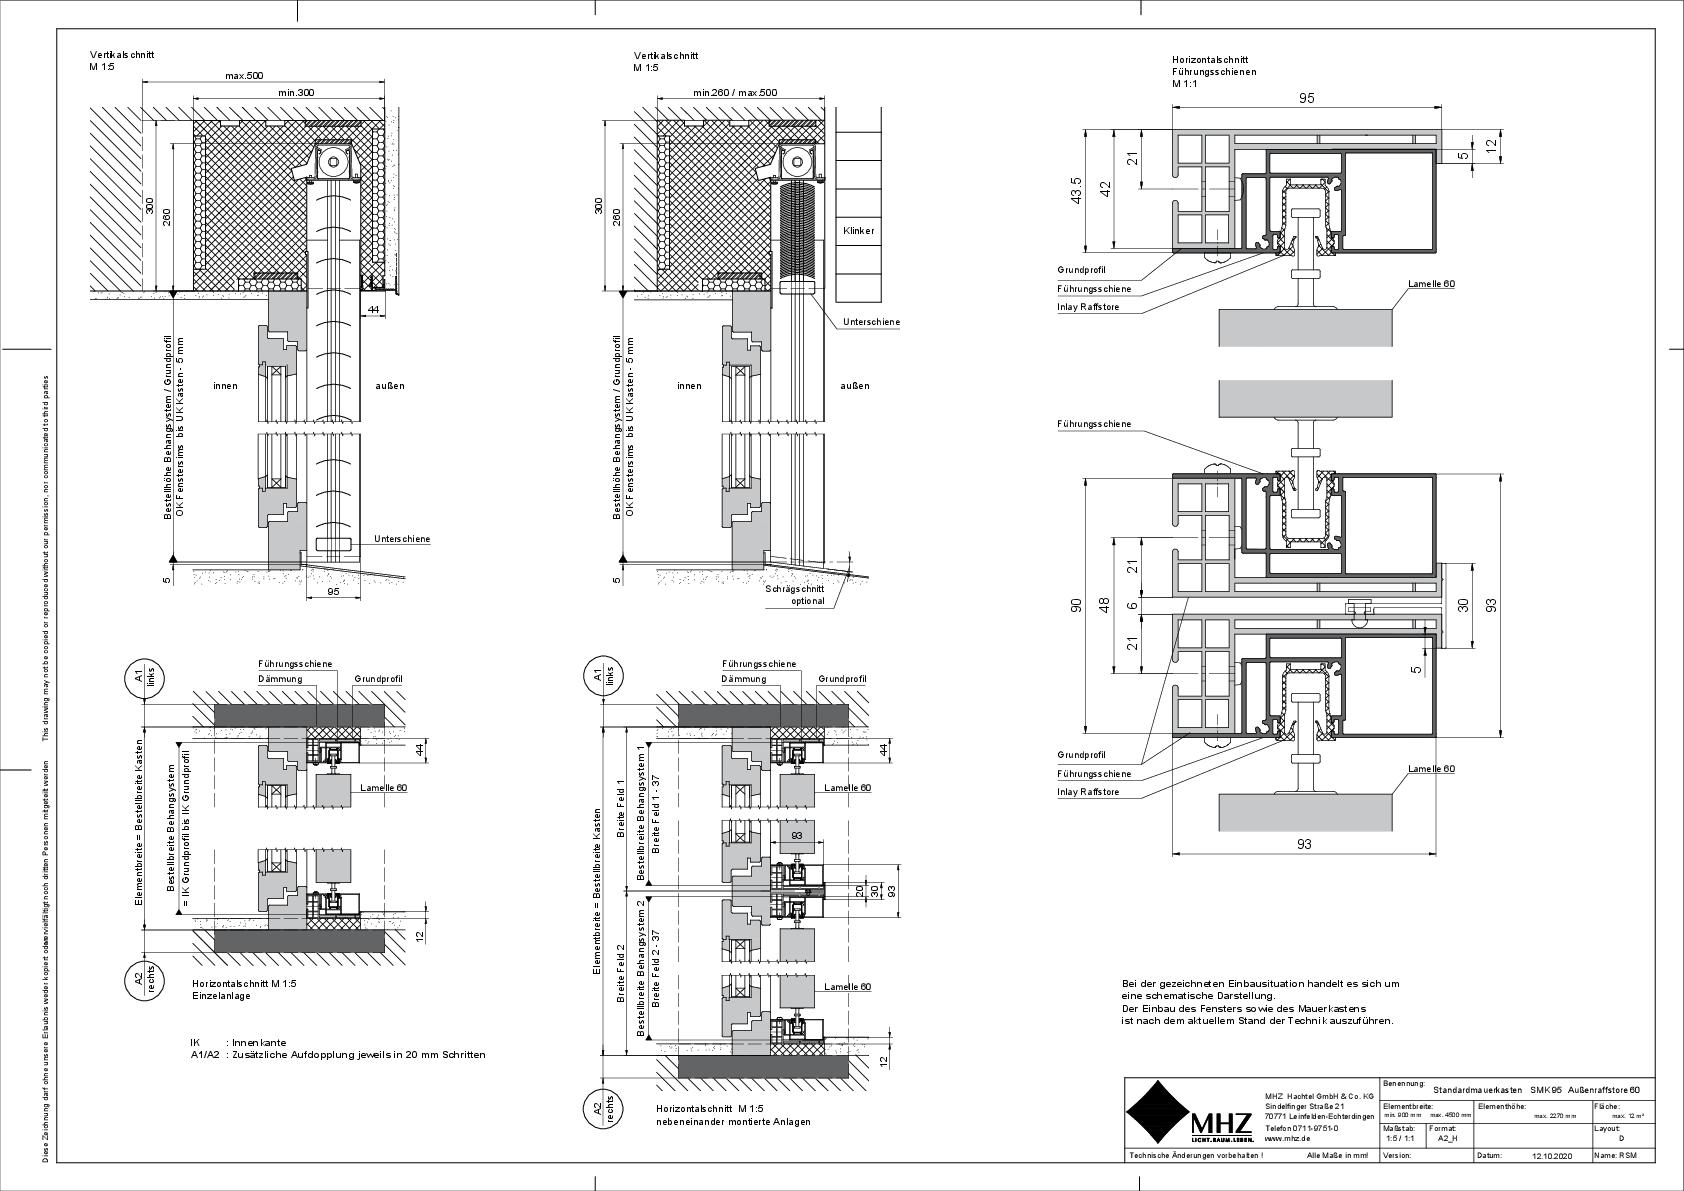 Technische Zeichnung Mauerkasten SMK_95 Außenraffstore 60 (dwg)